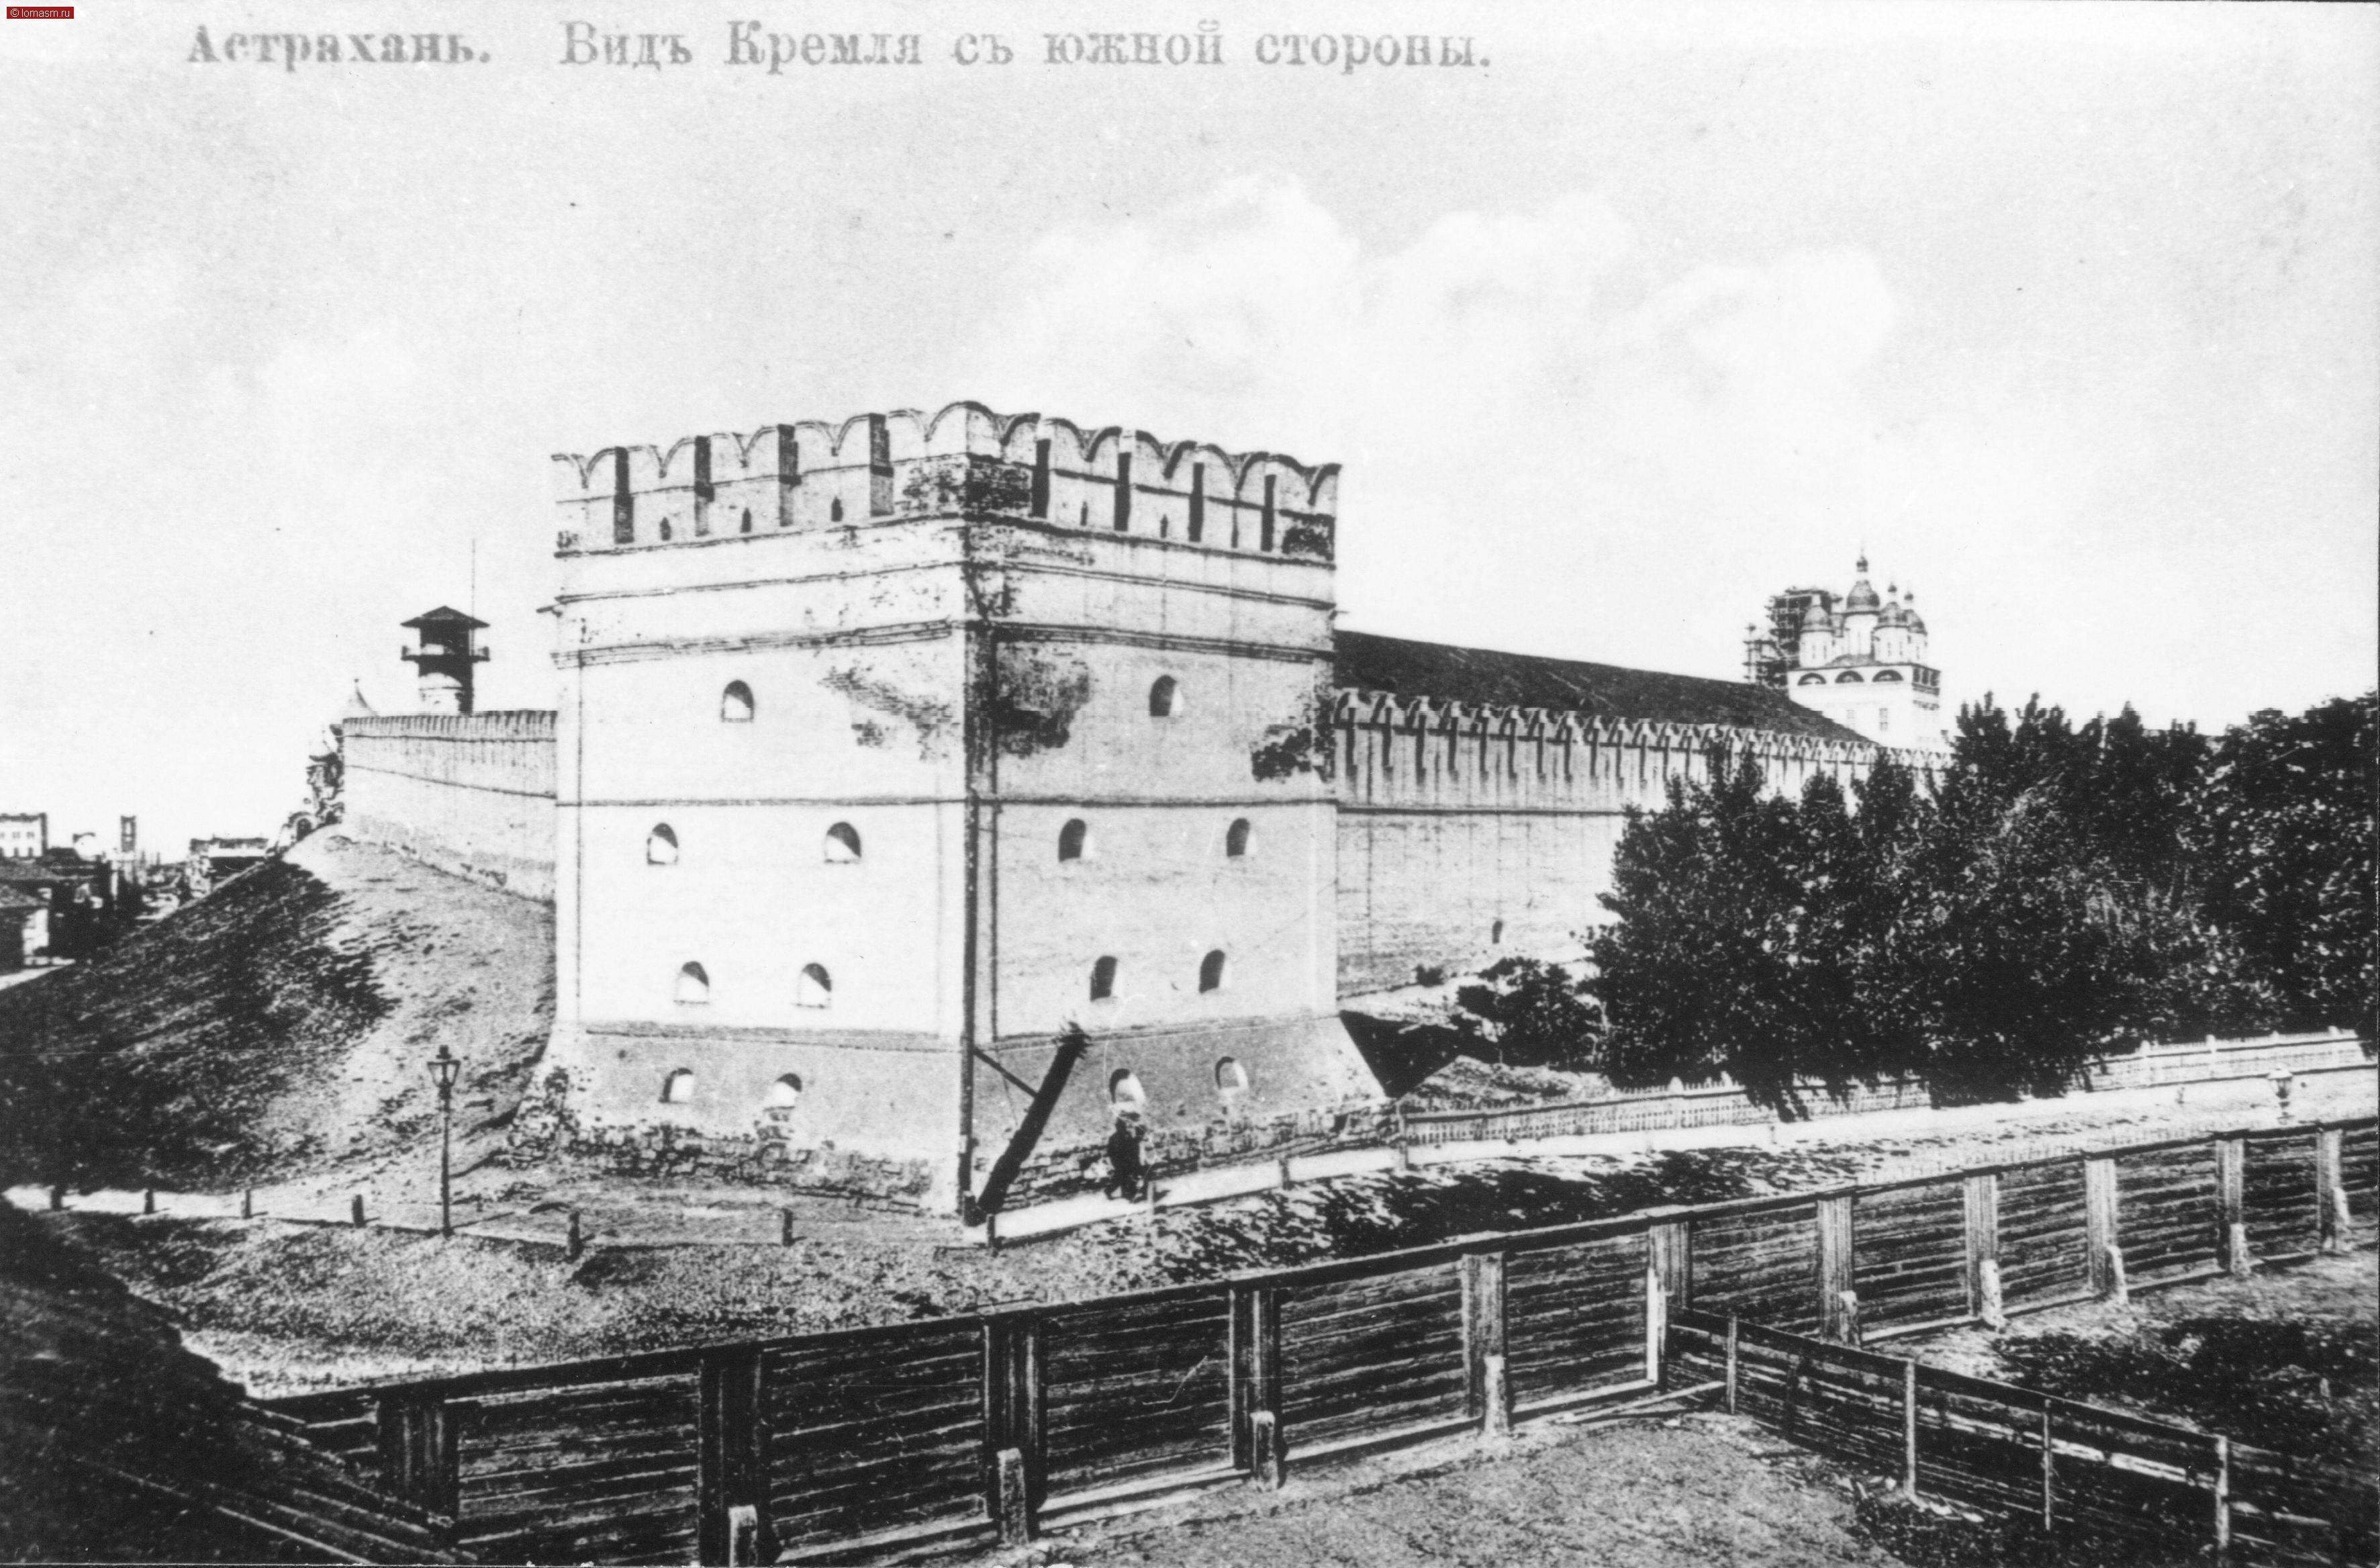 Вид кремля с южной стороны